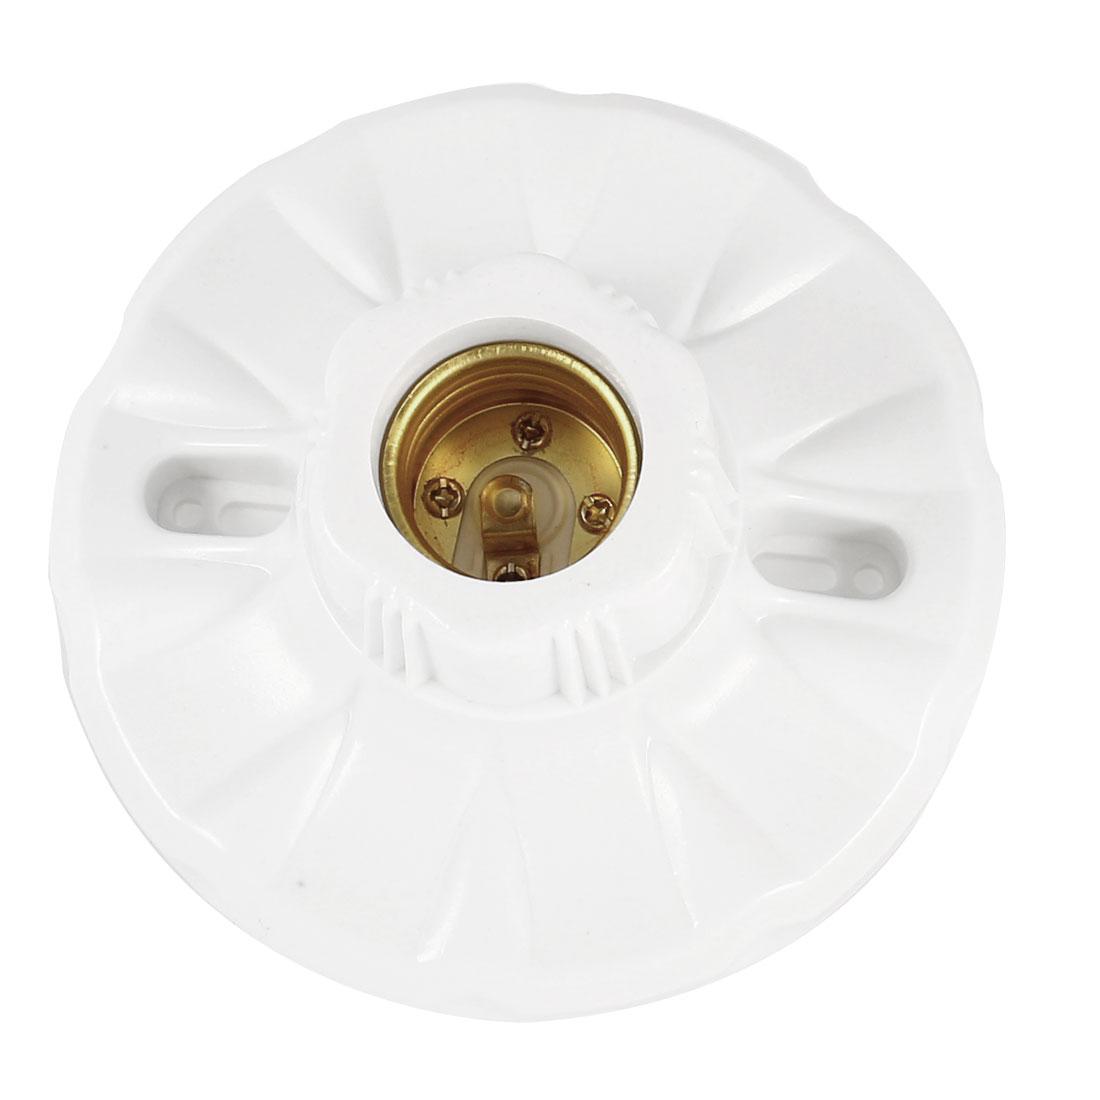 AC 250V 10A 12cm Dia White Plastic Housing E27 Bulb Lamp Light Screw Type Holder